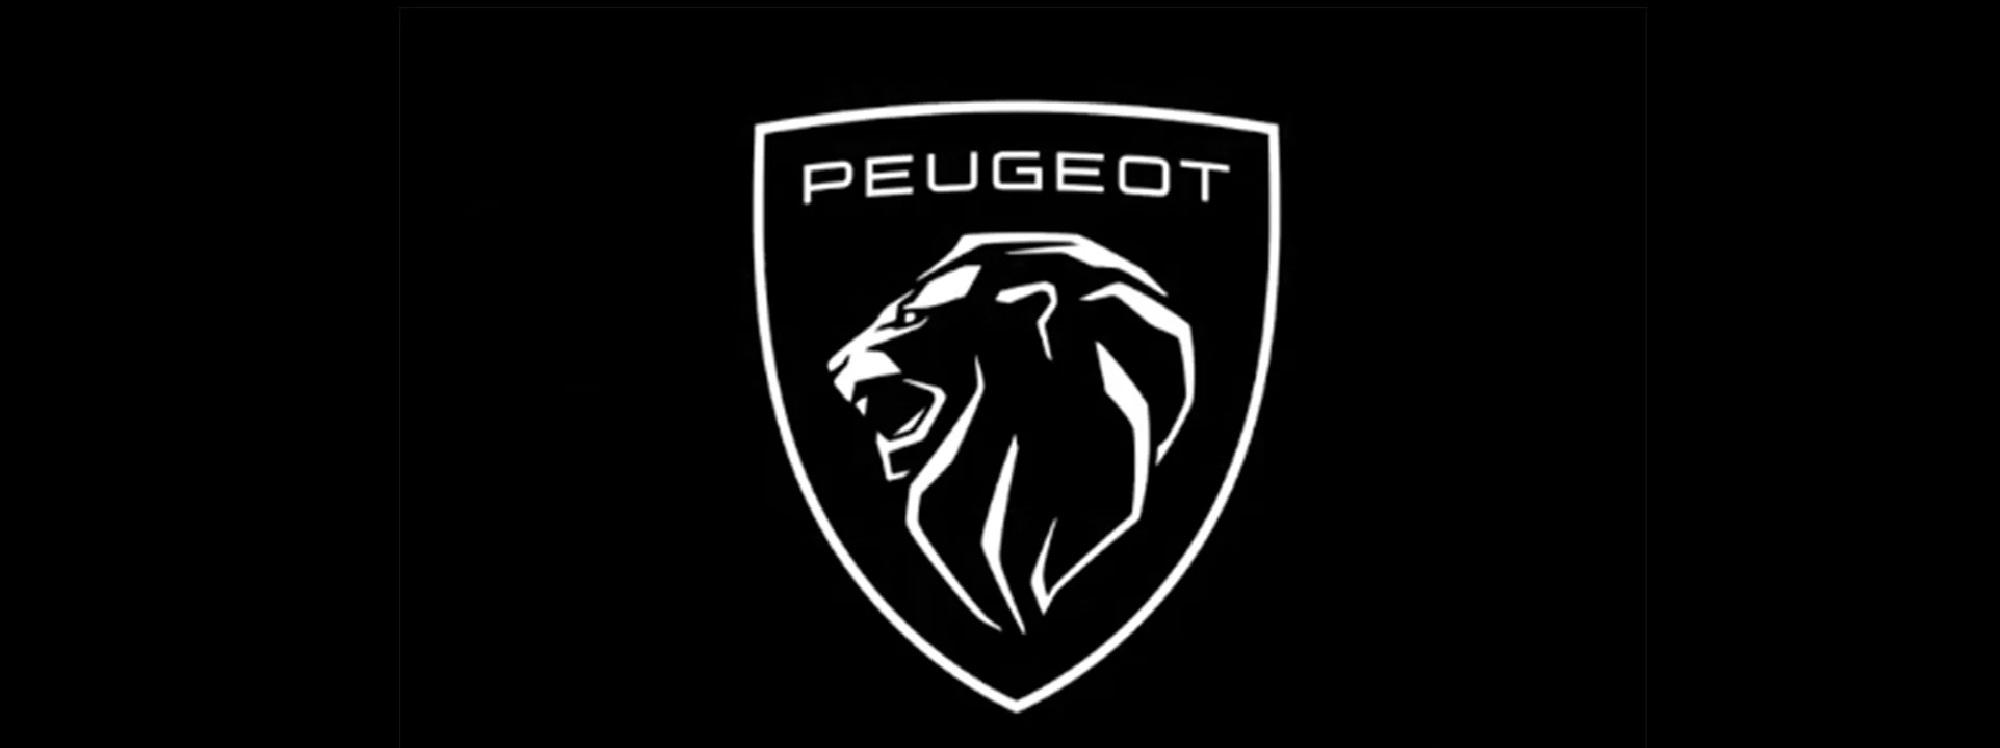 Peugeot tiene nuevo logo y lo estrenará la futura generación del 308